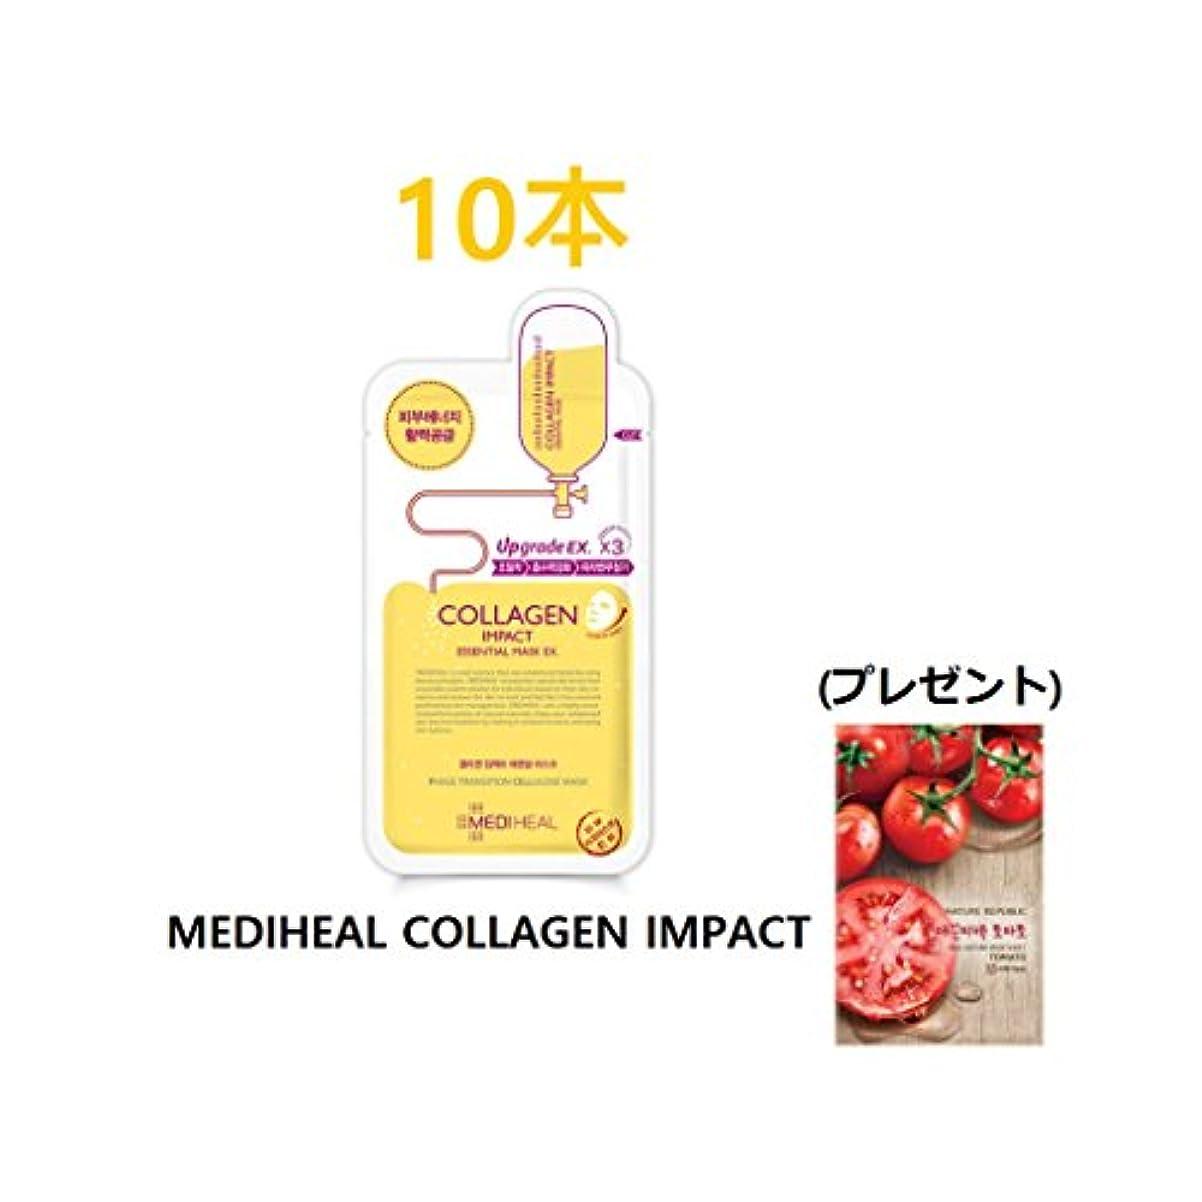 またはどちらか給料抵抗力がある(プレゼント) Mediheal Collagen Impact REX (メディヒール) エッセンシャルマスクパック10枚セット/コラーゲンインパクト/ [並行輸入品]